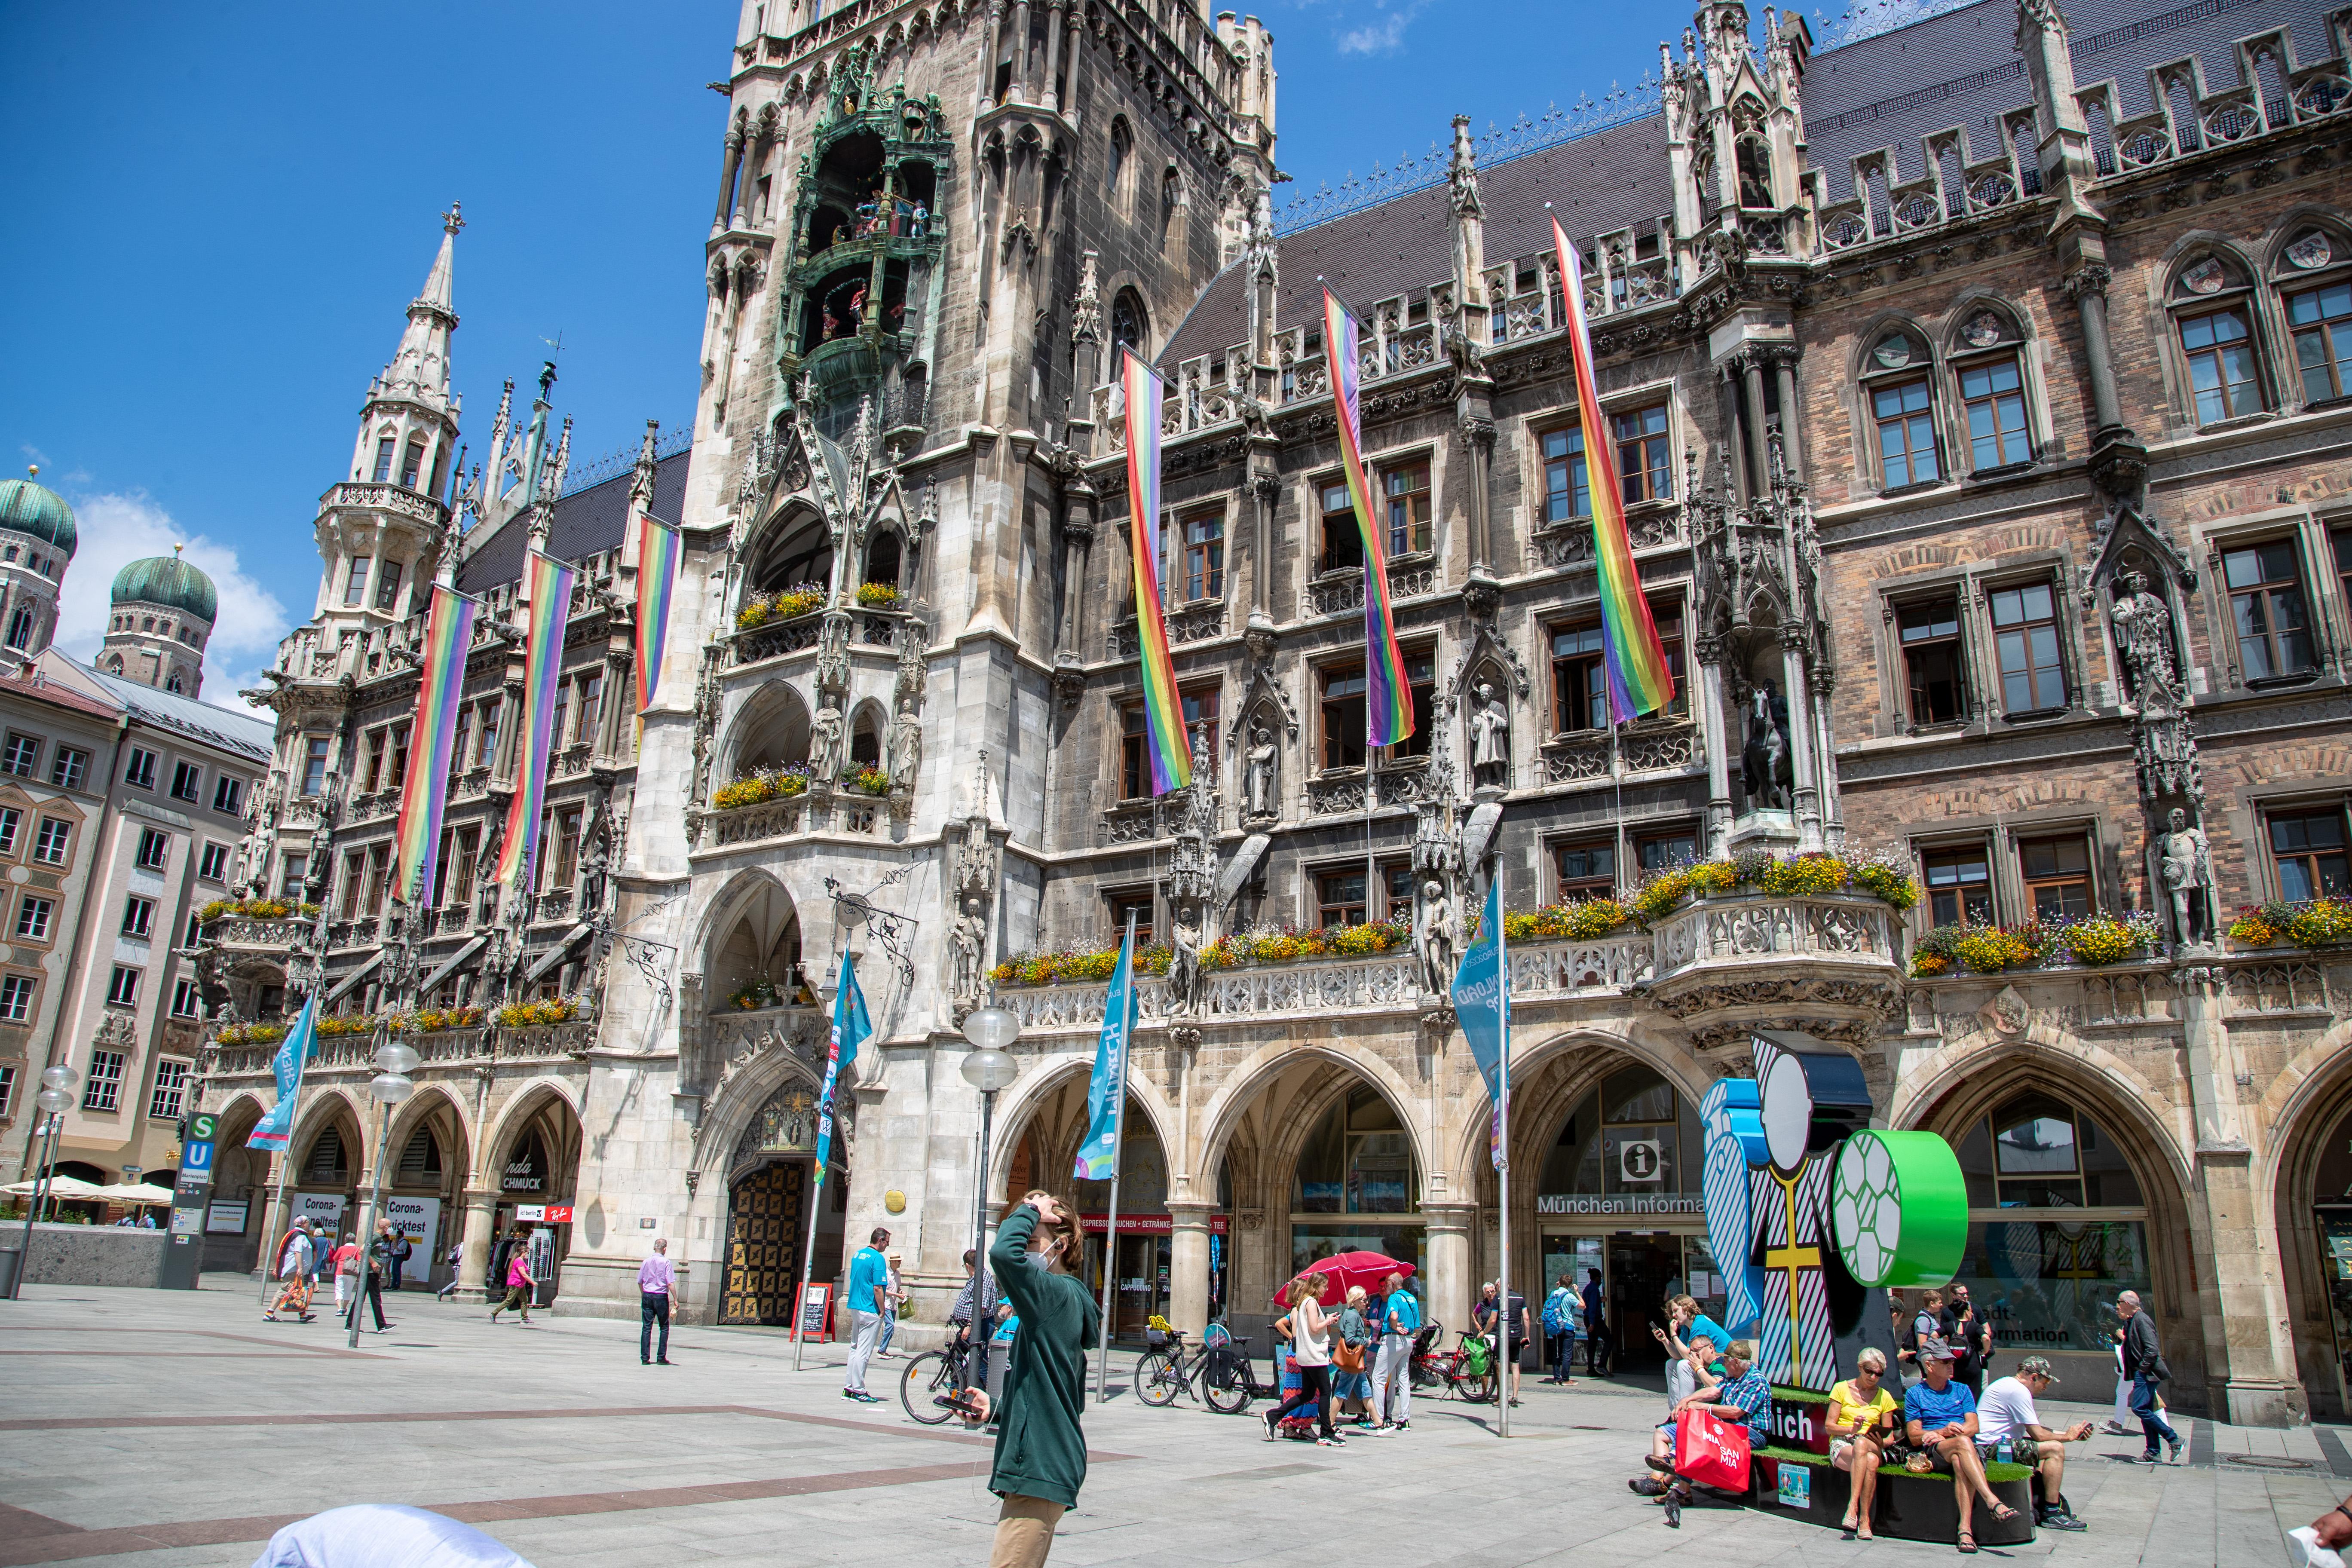 16 tagállam vezetője közös levélben áll ki a melegek megkülönböztetése ellen - a magyar kormánynak üzenve